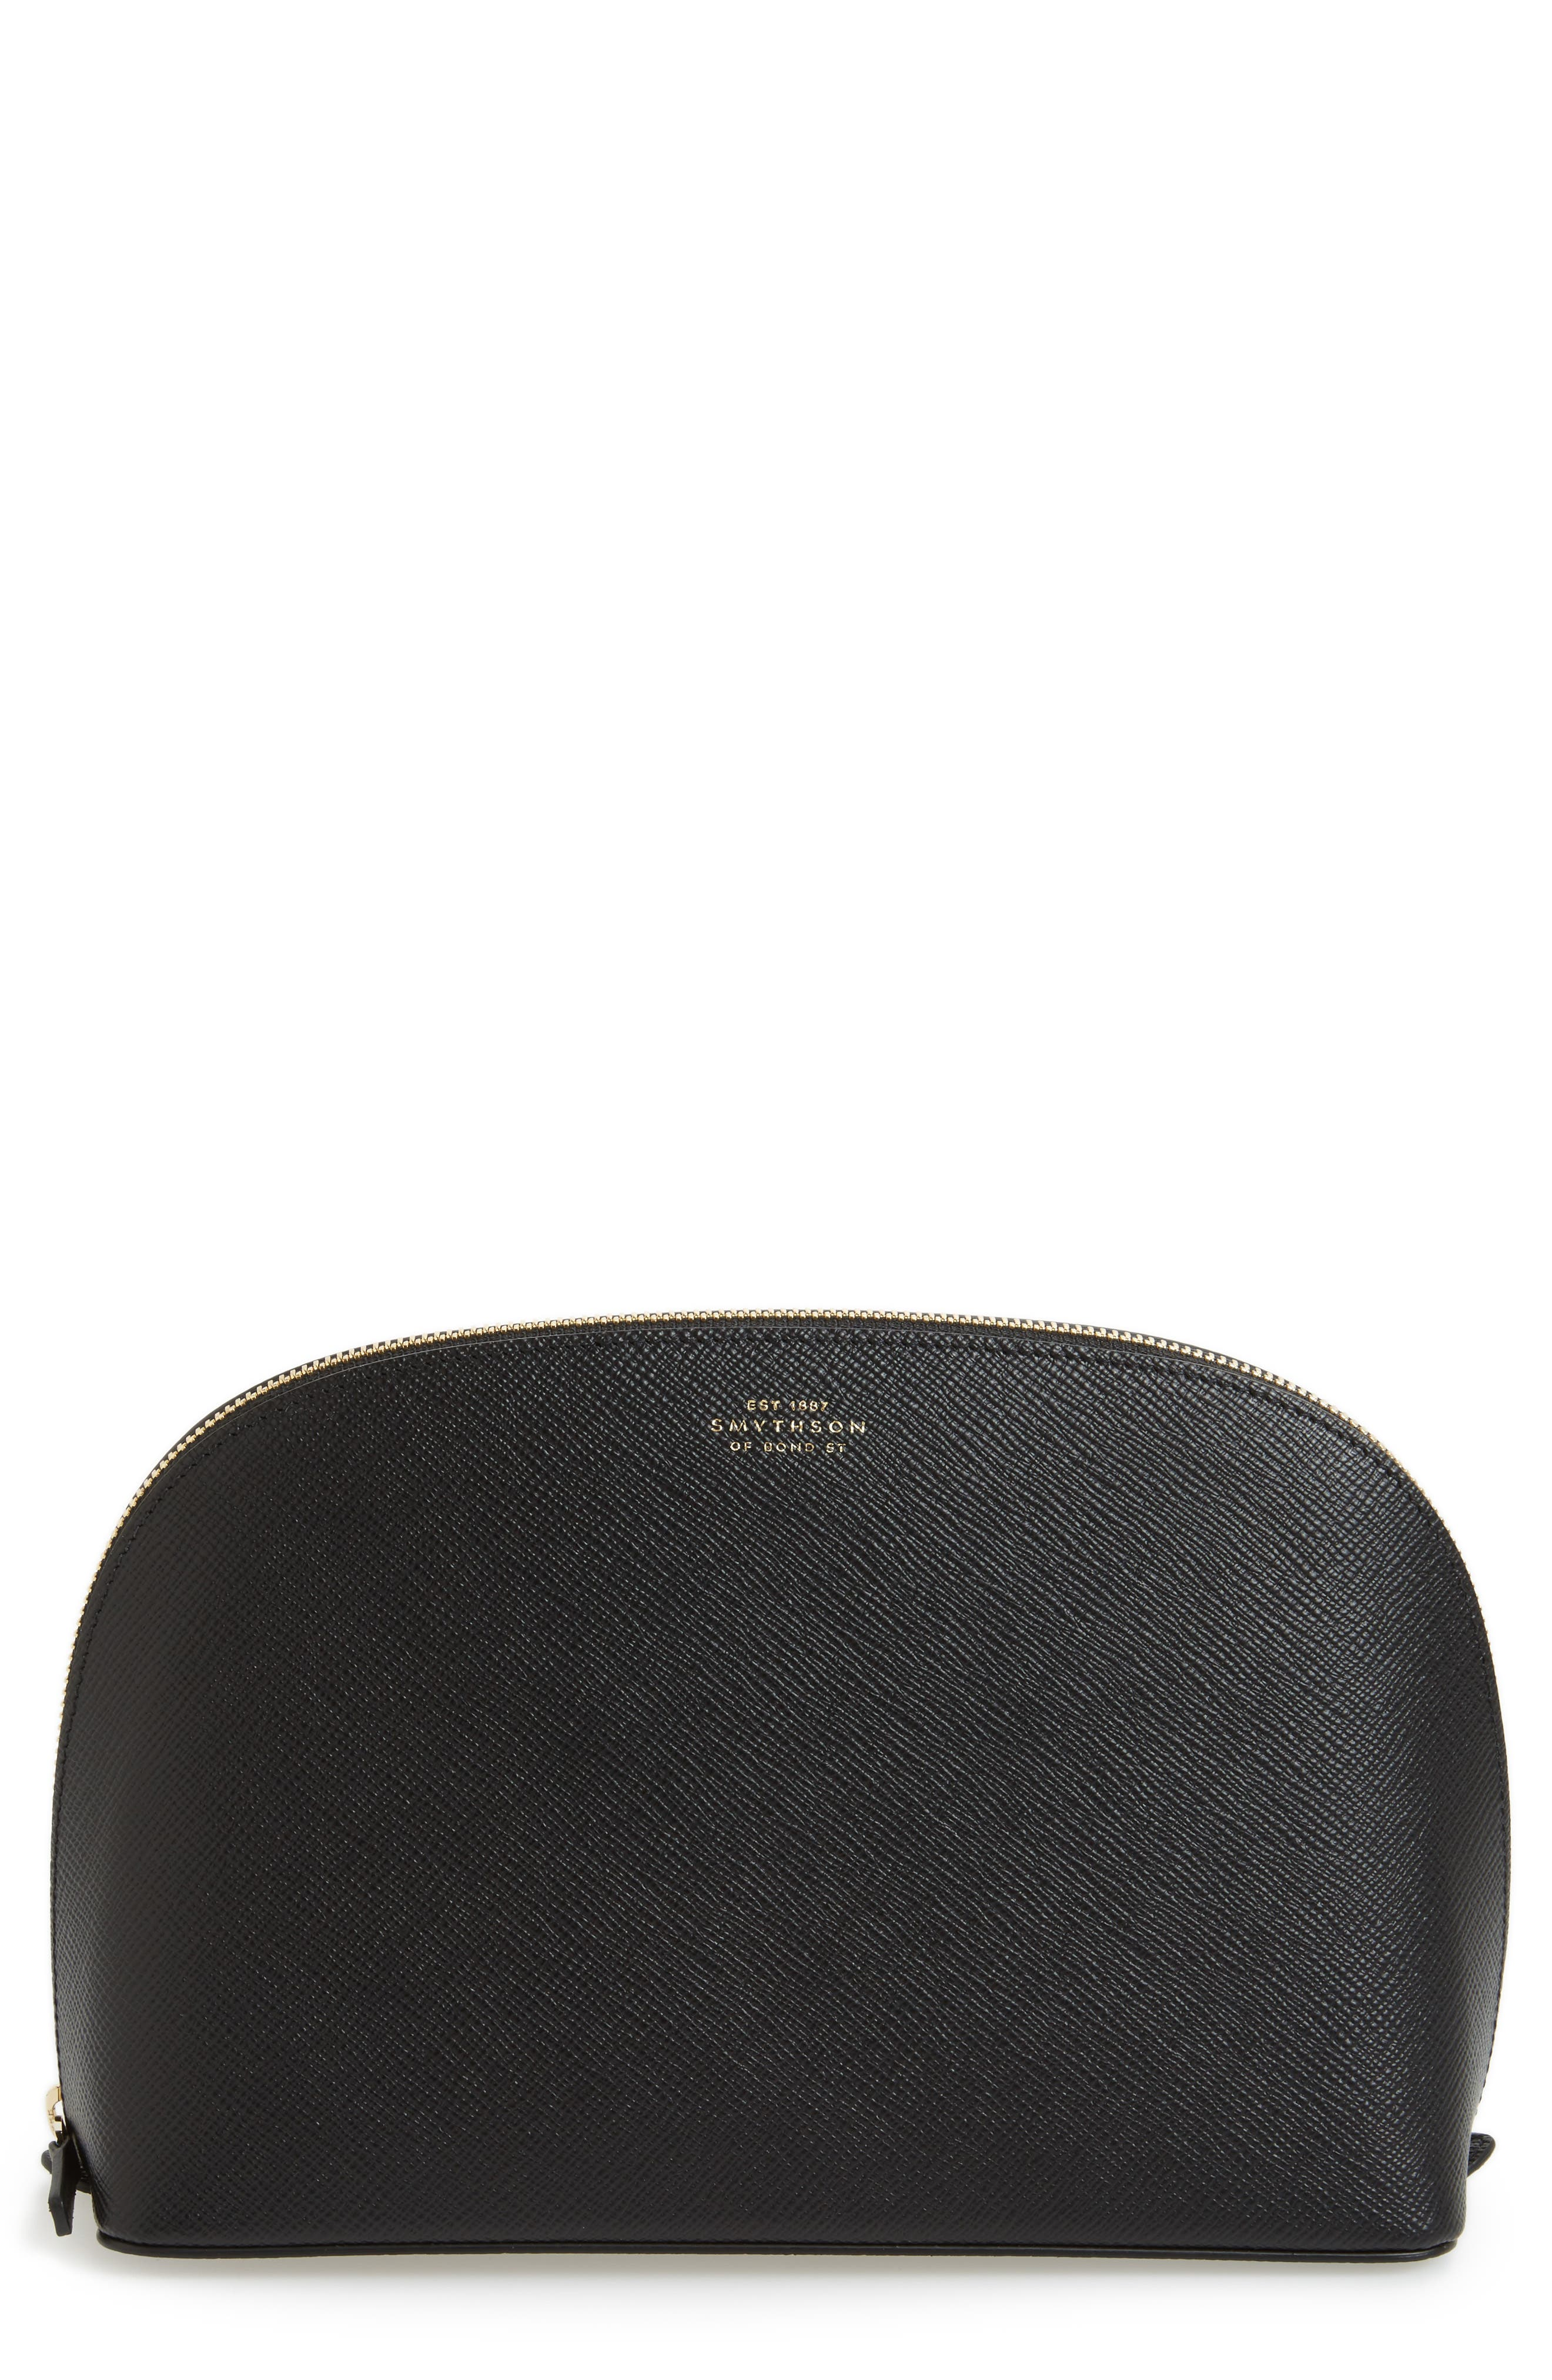 Alternate Image 1 Selected - Smythson Medium Leather Cosmetics Case